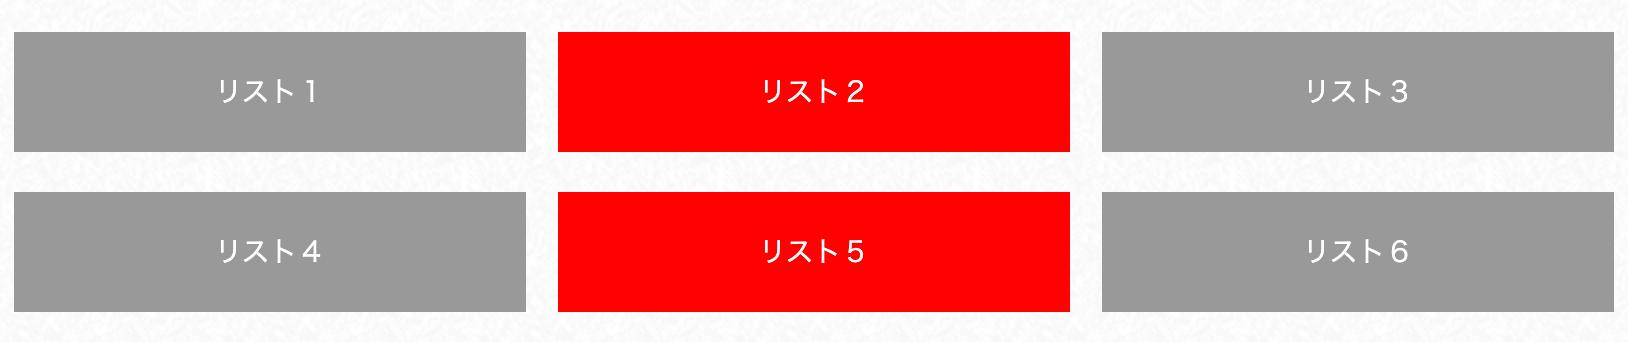 スクリーンショット 2020-02-13 17.22.58.png